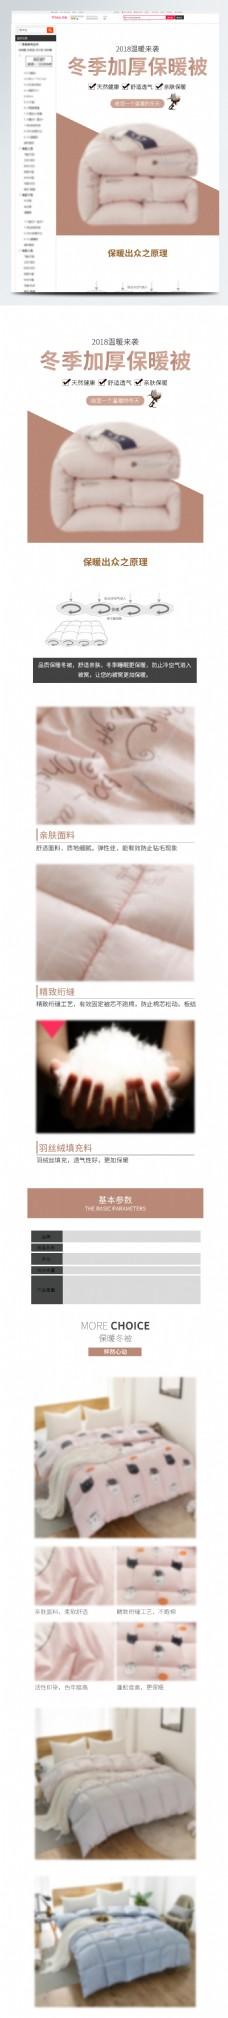 电商淘宝冬季加厚棉被详情页模板PSD